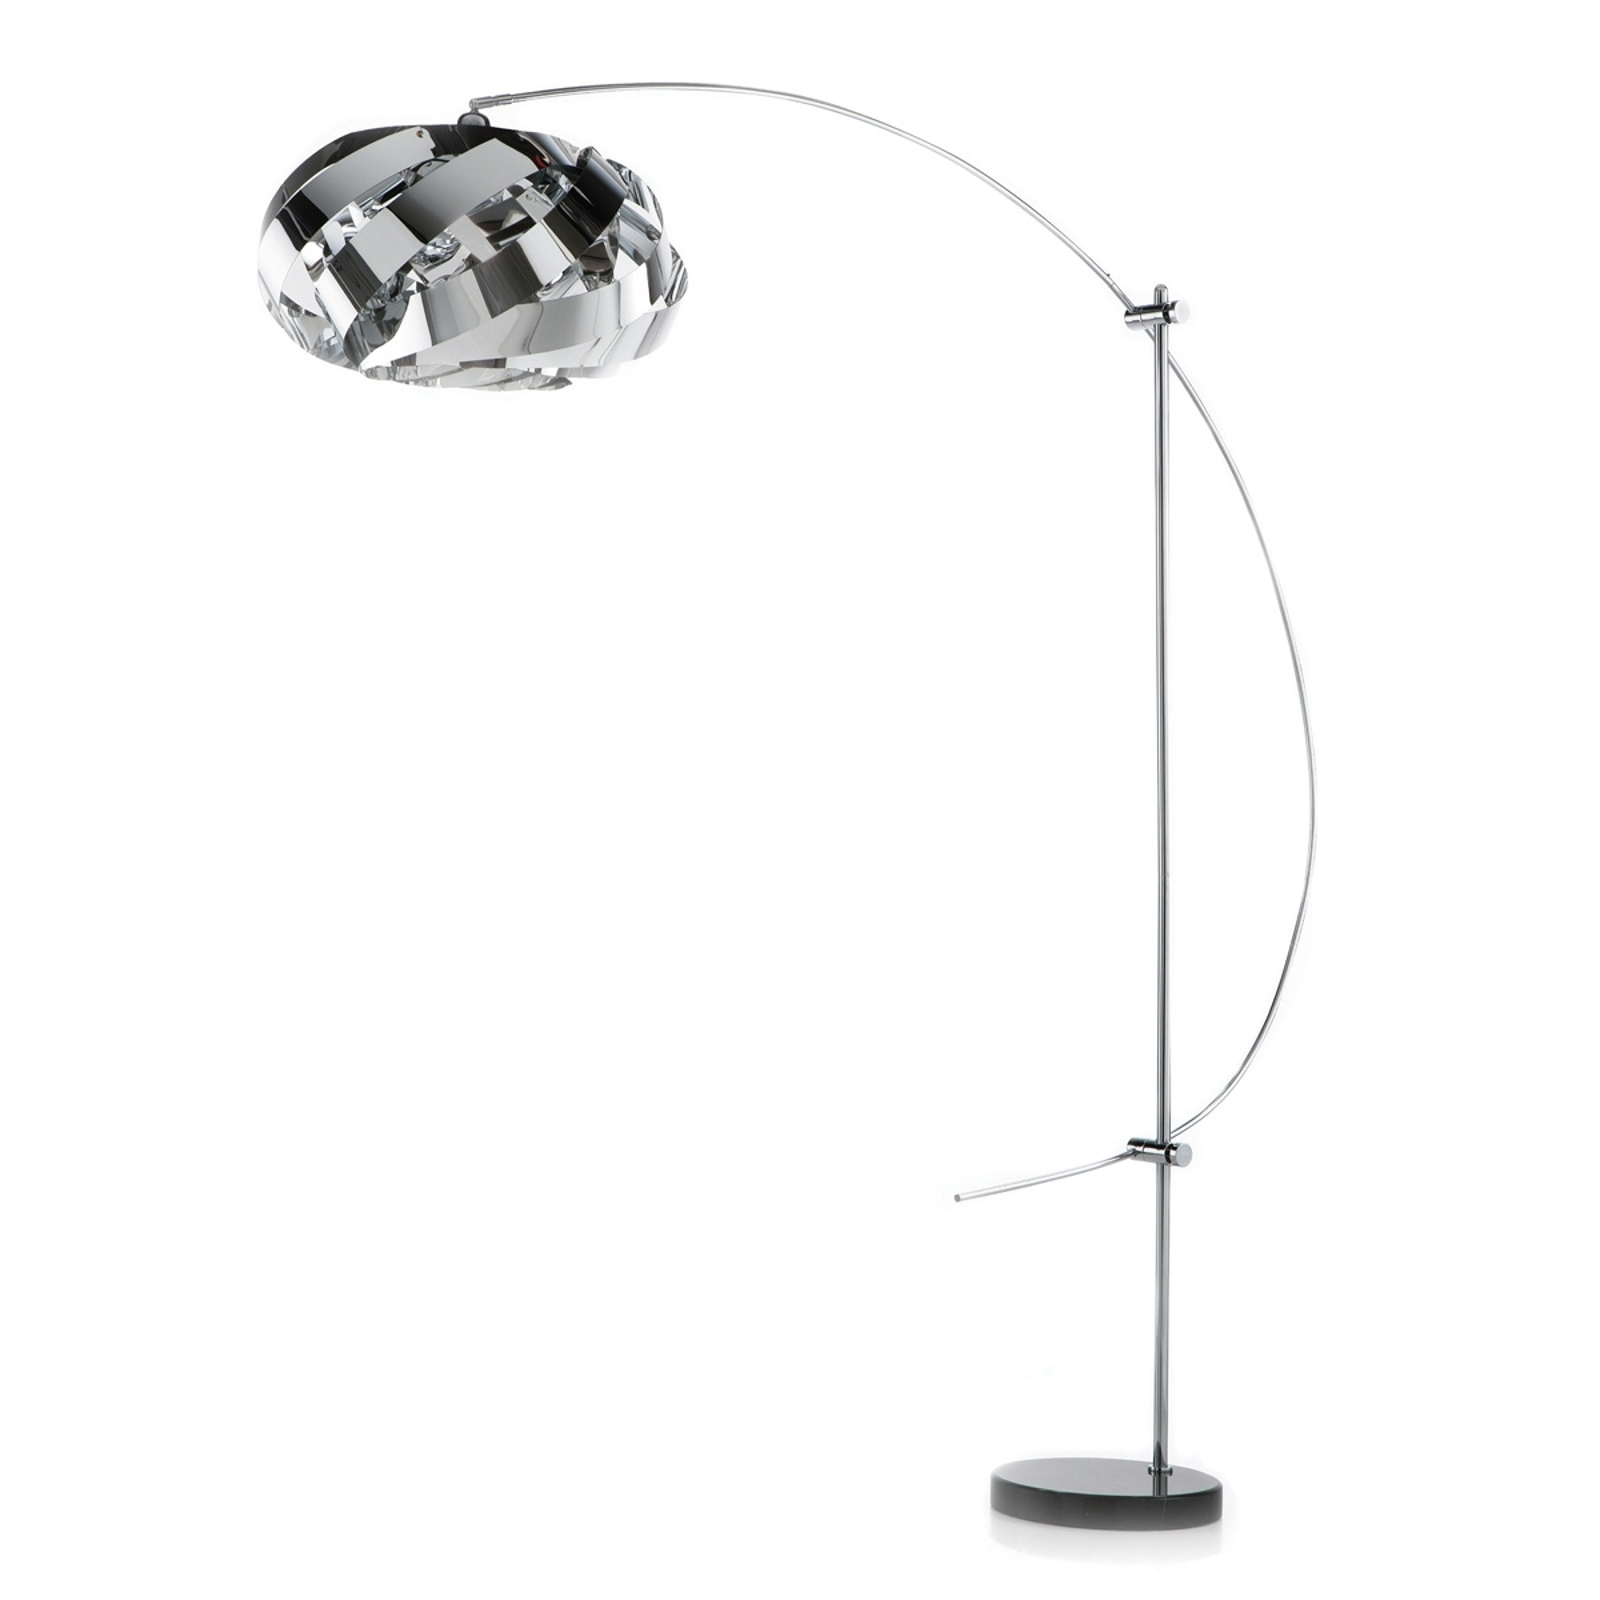 Plaza - Bogenlampe modern und gefällig, chrom